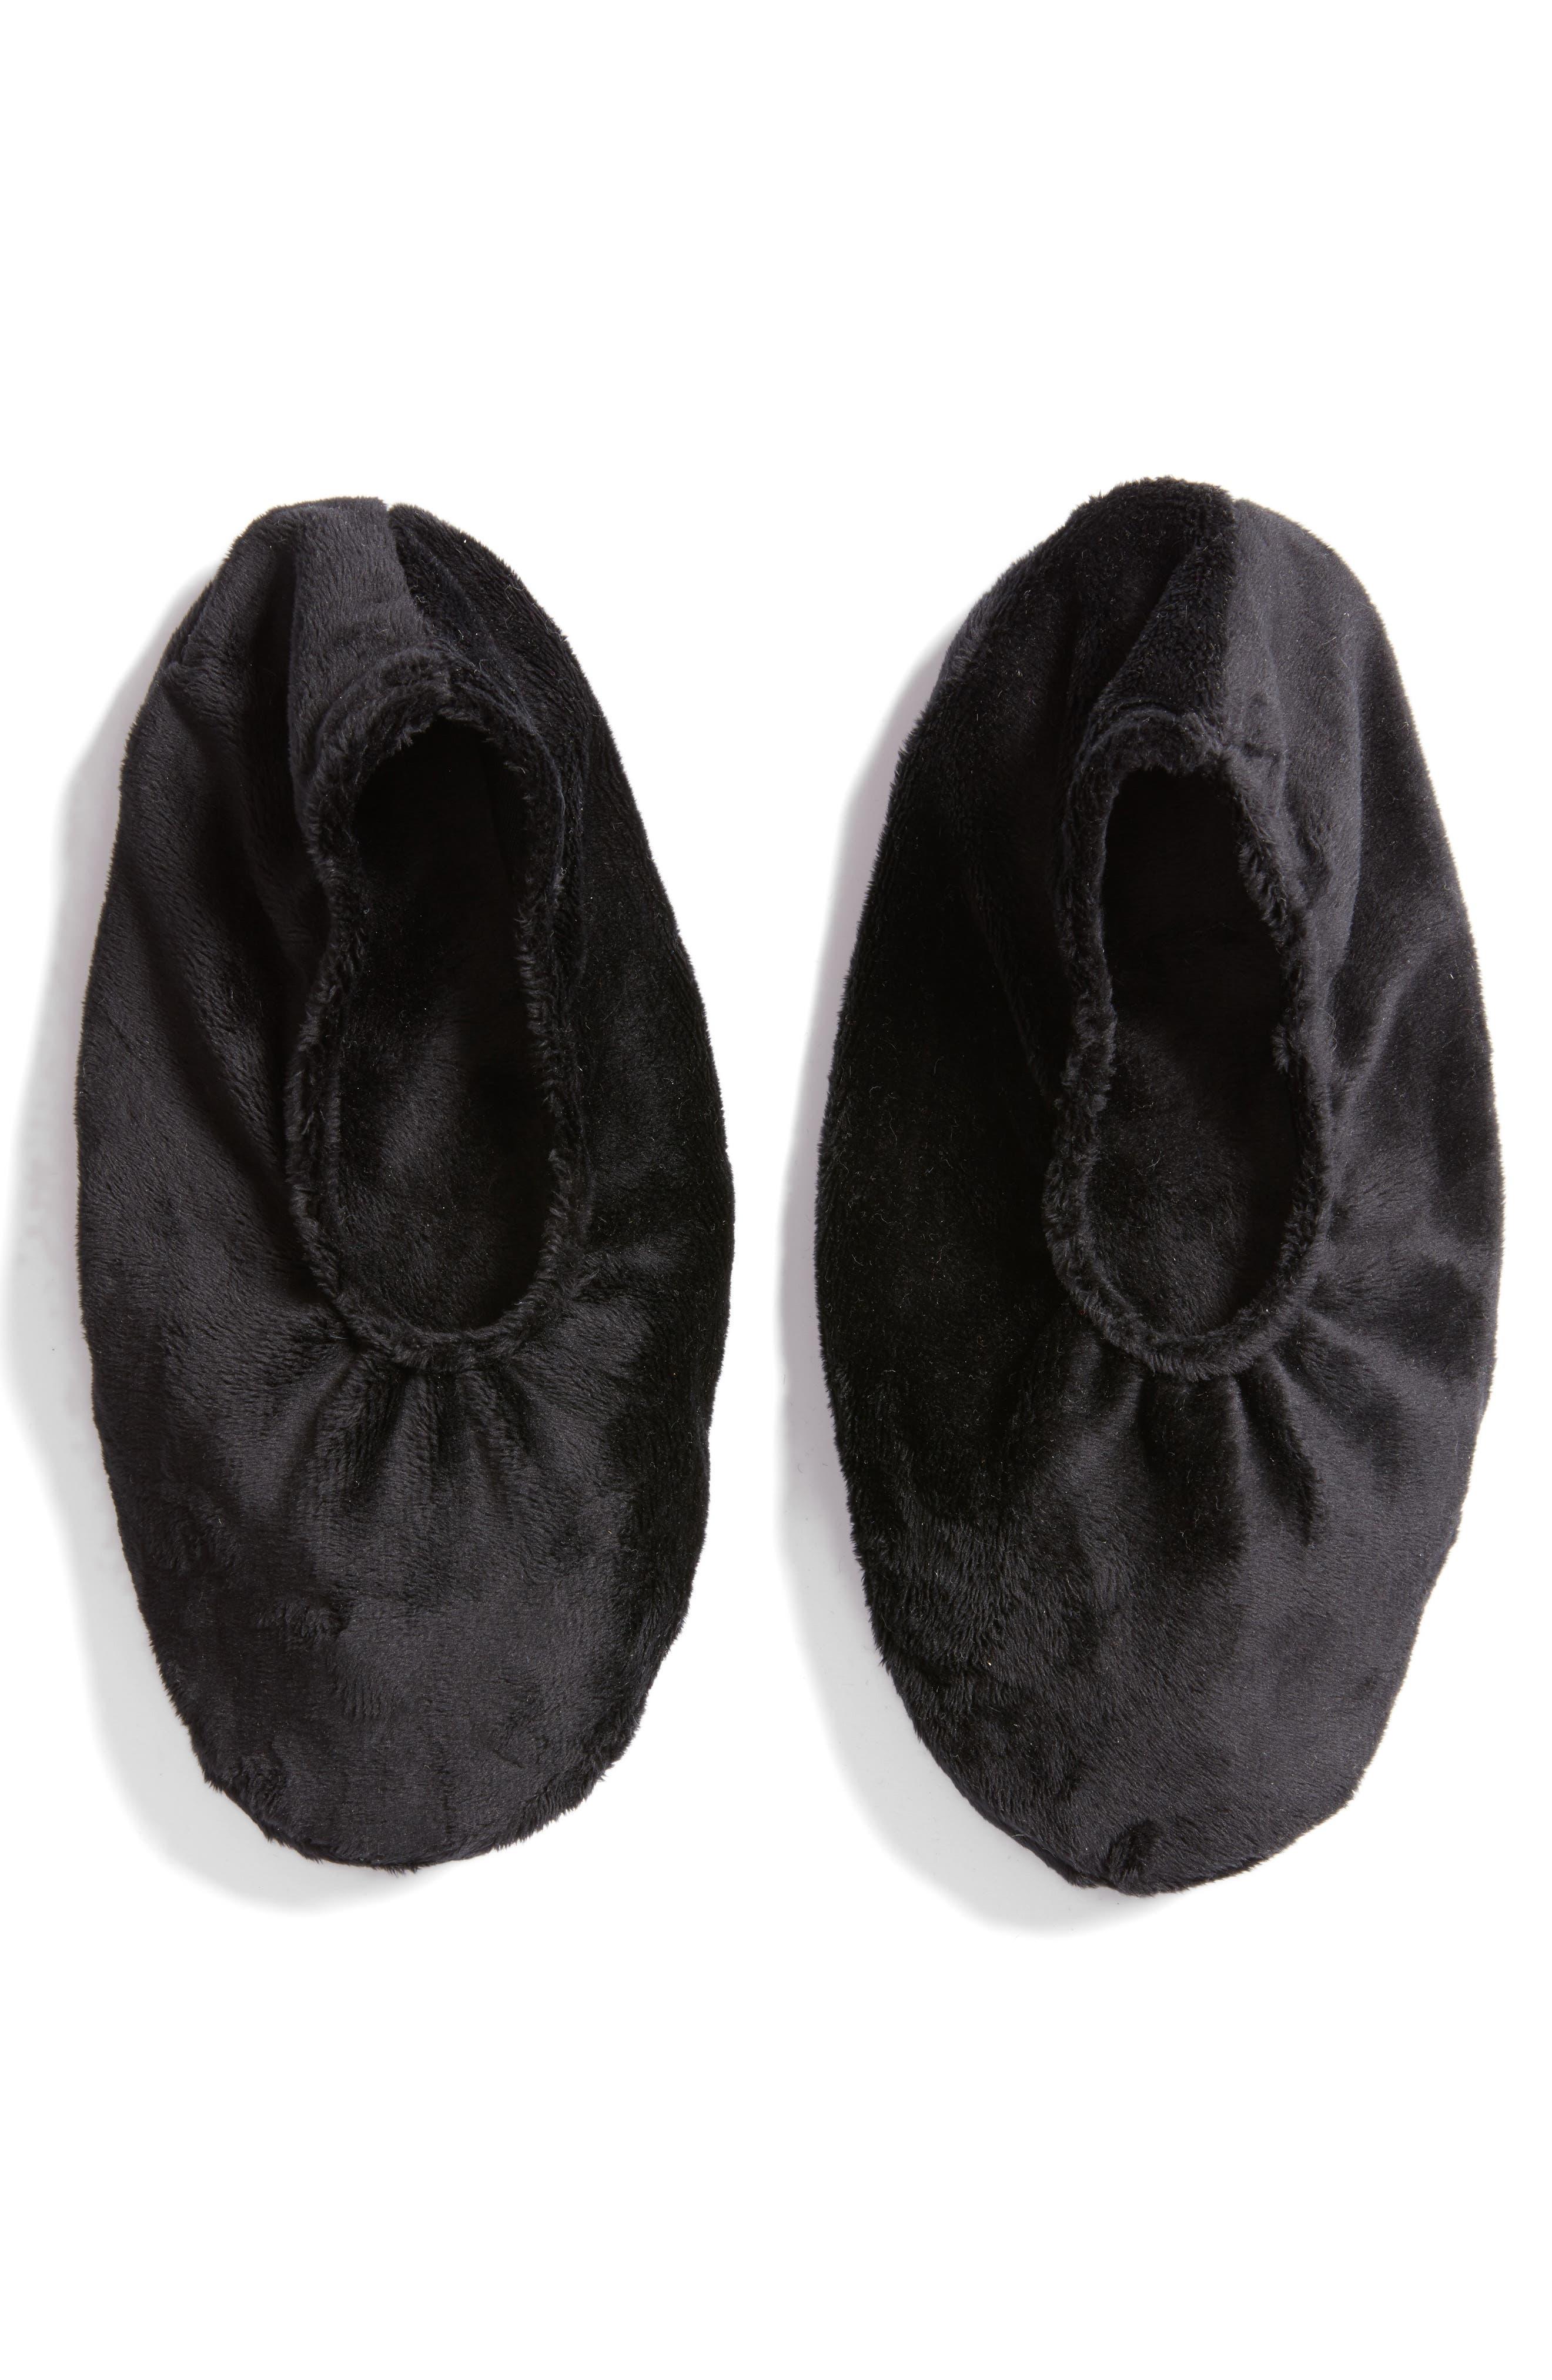 Solid Black Footies,                         Main,                         color, 000